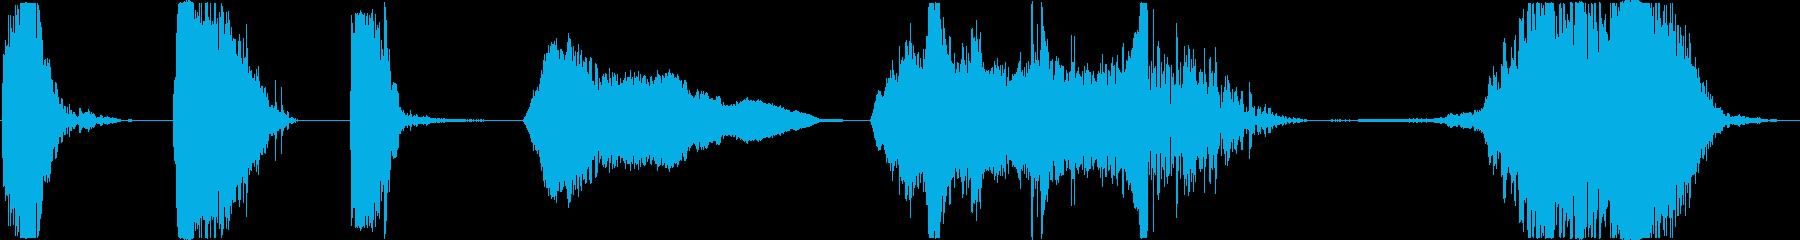 パワフルなフラッシュバックフーシュ...の再生済みの波形